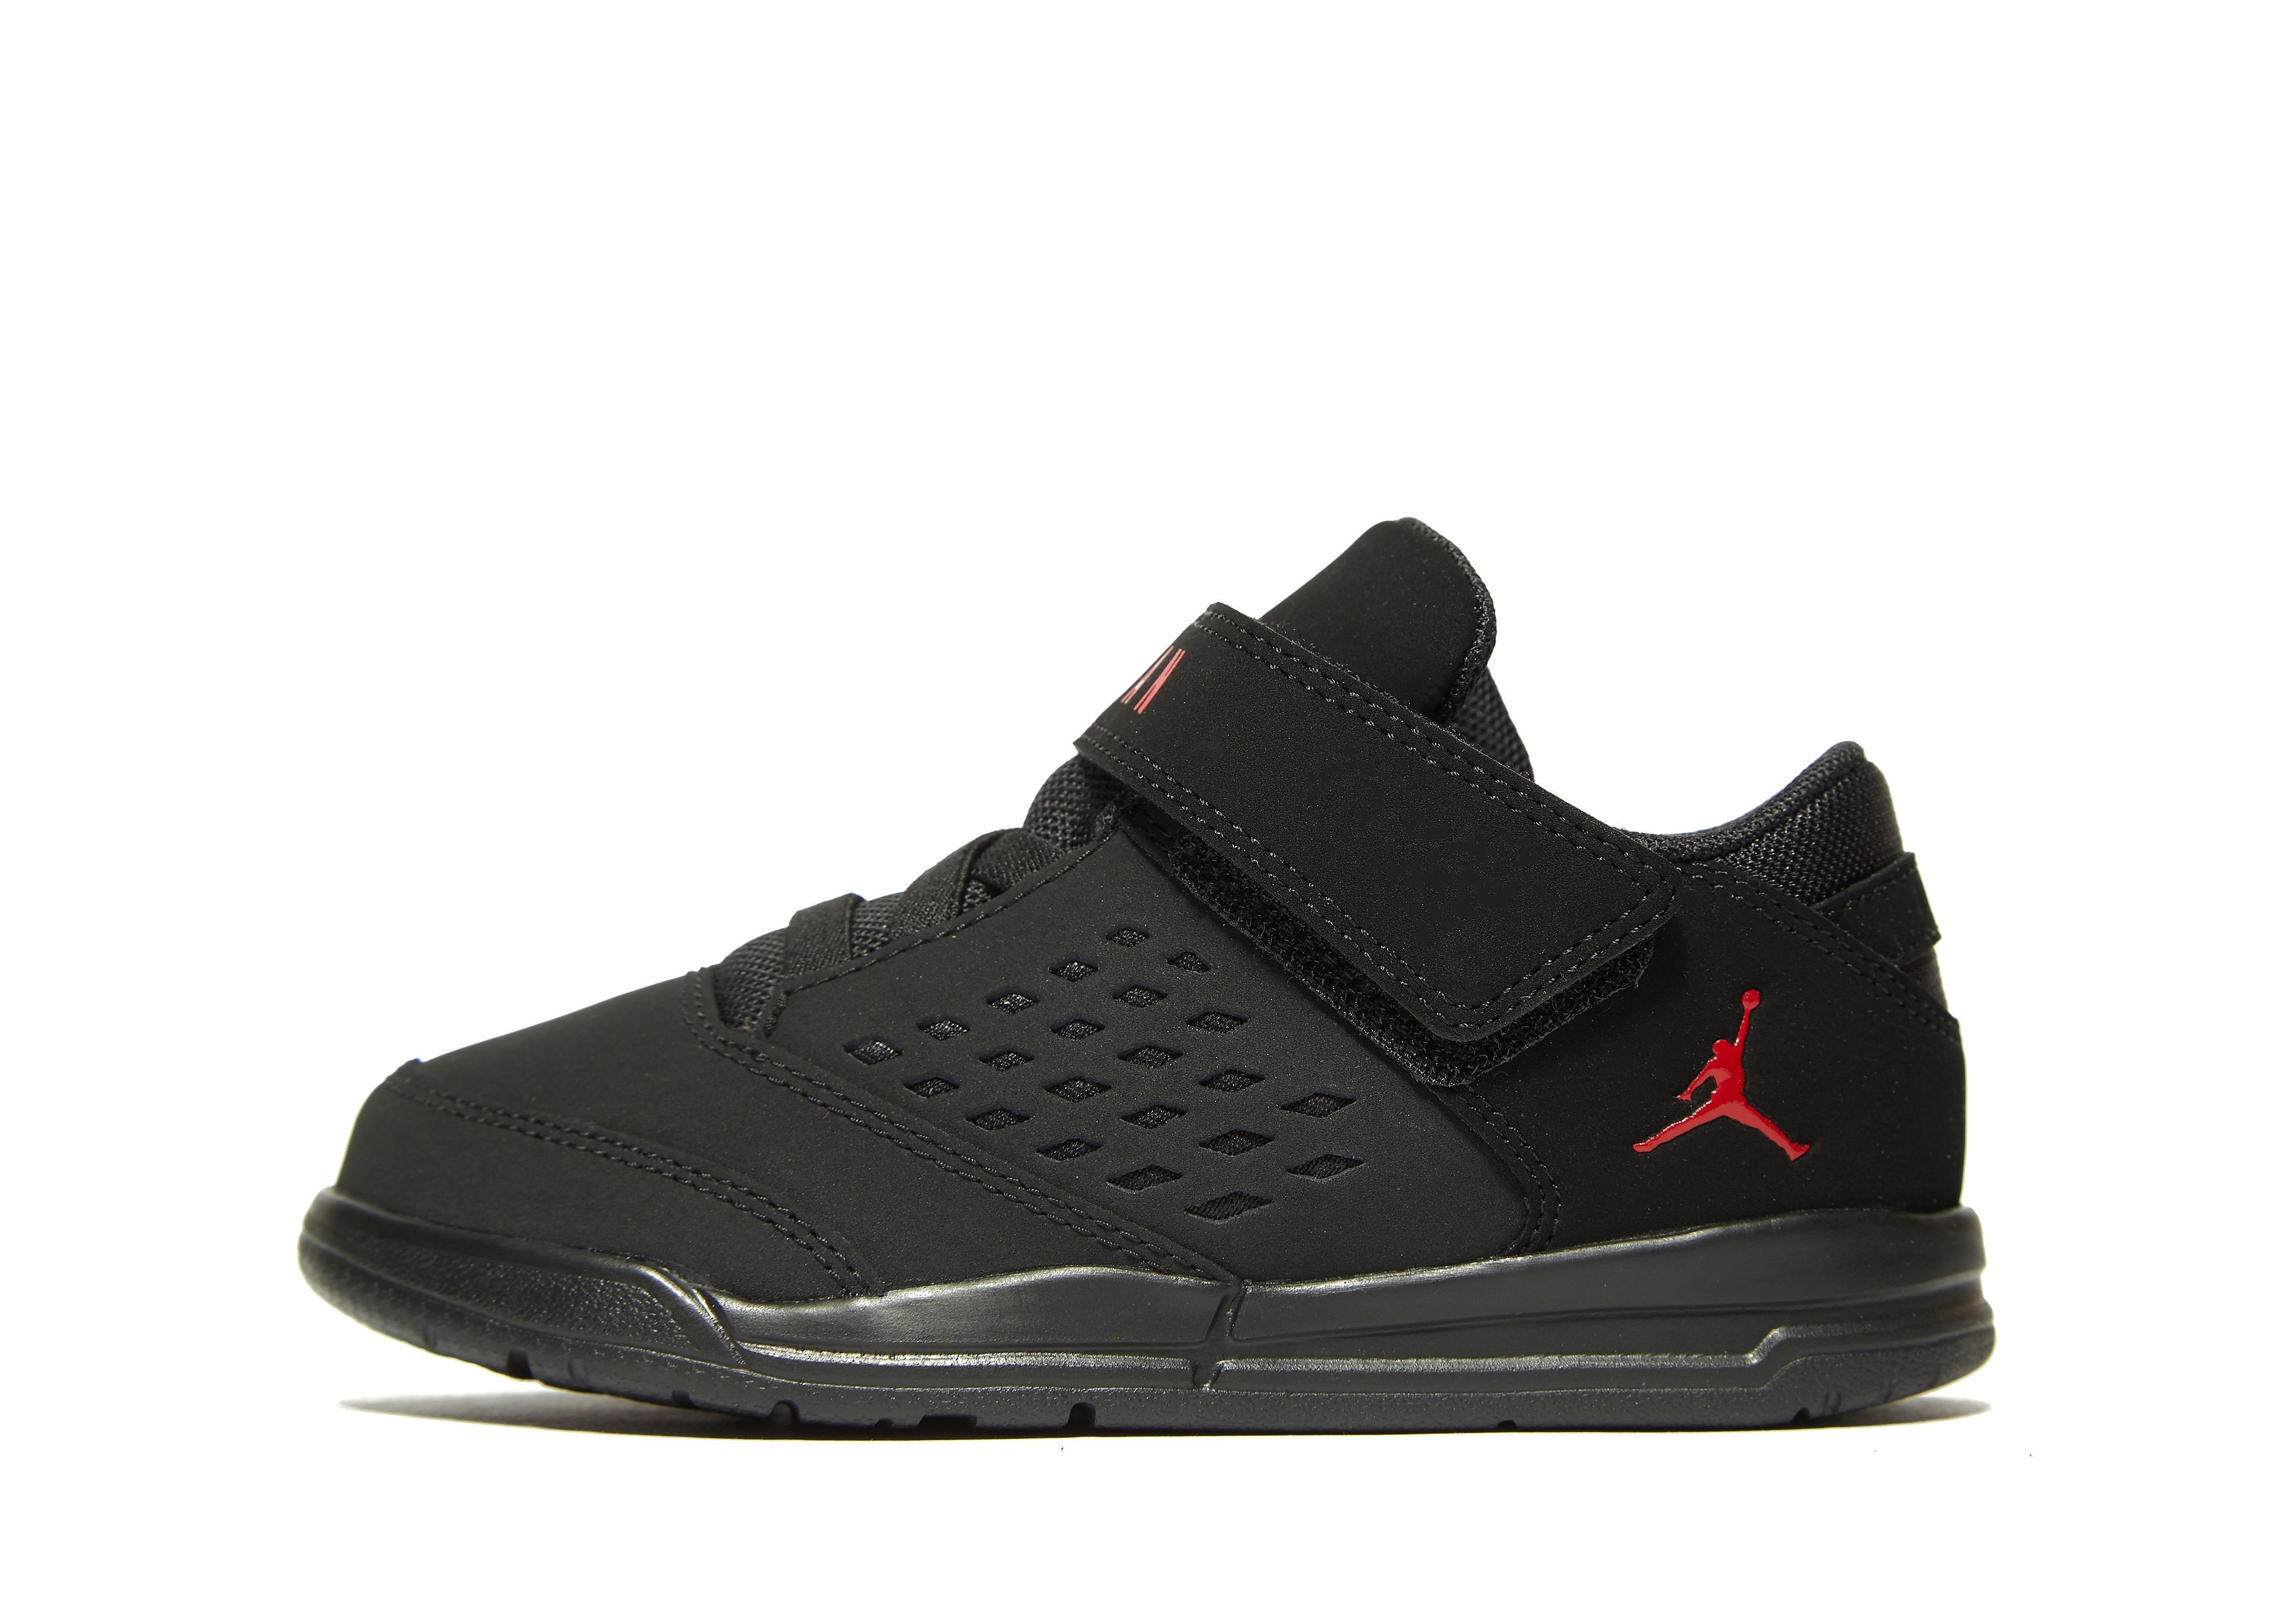 Jordan Vol Légendaires Chaussures Hi Baskets Noires Noir fRUWIXNc